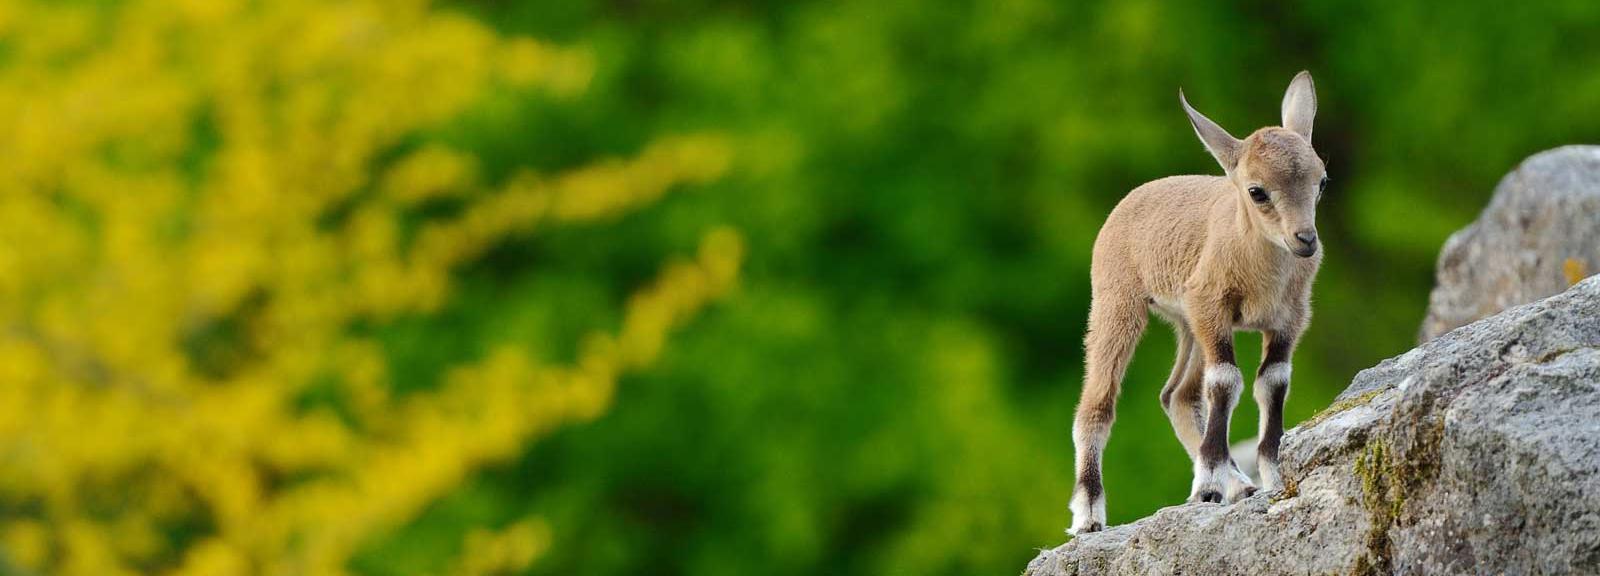 Jeune bouquetin de Nubie © MNHN - F-G Grandin